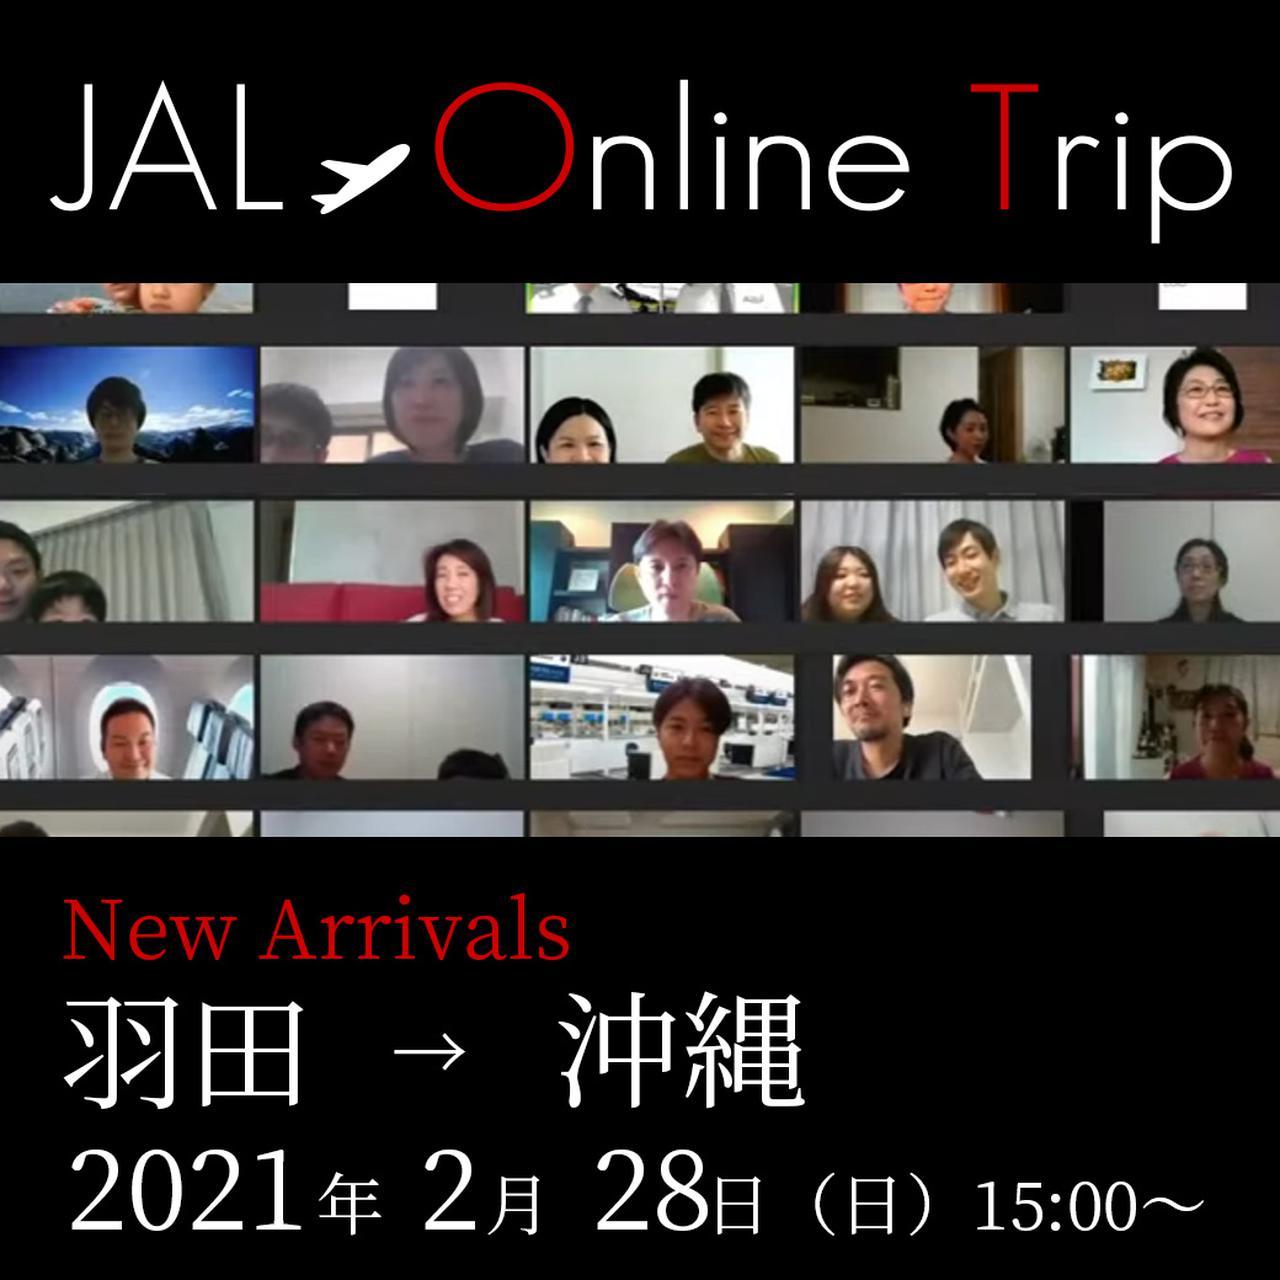 画像: JALオンライントリップ